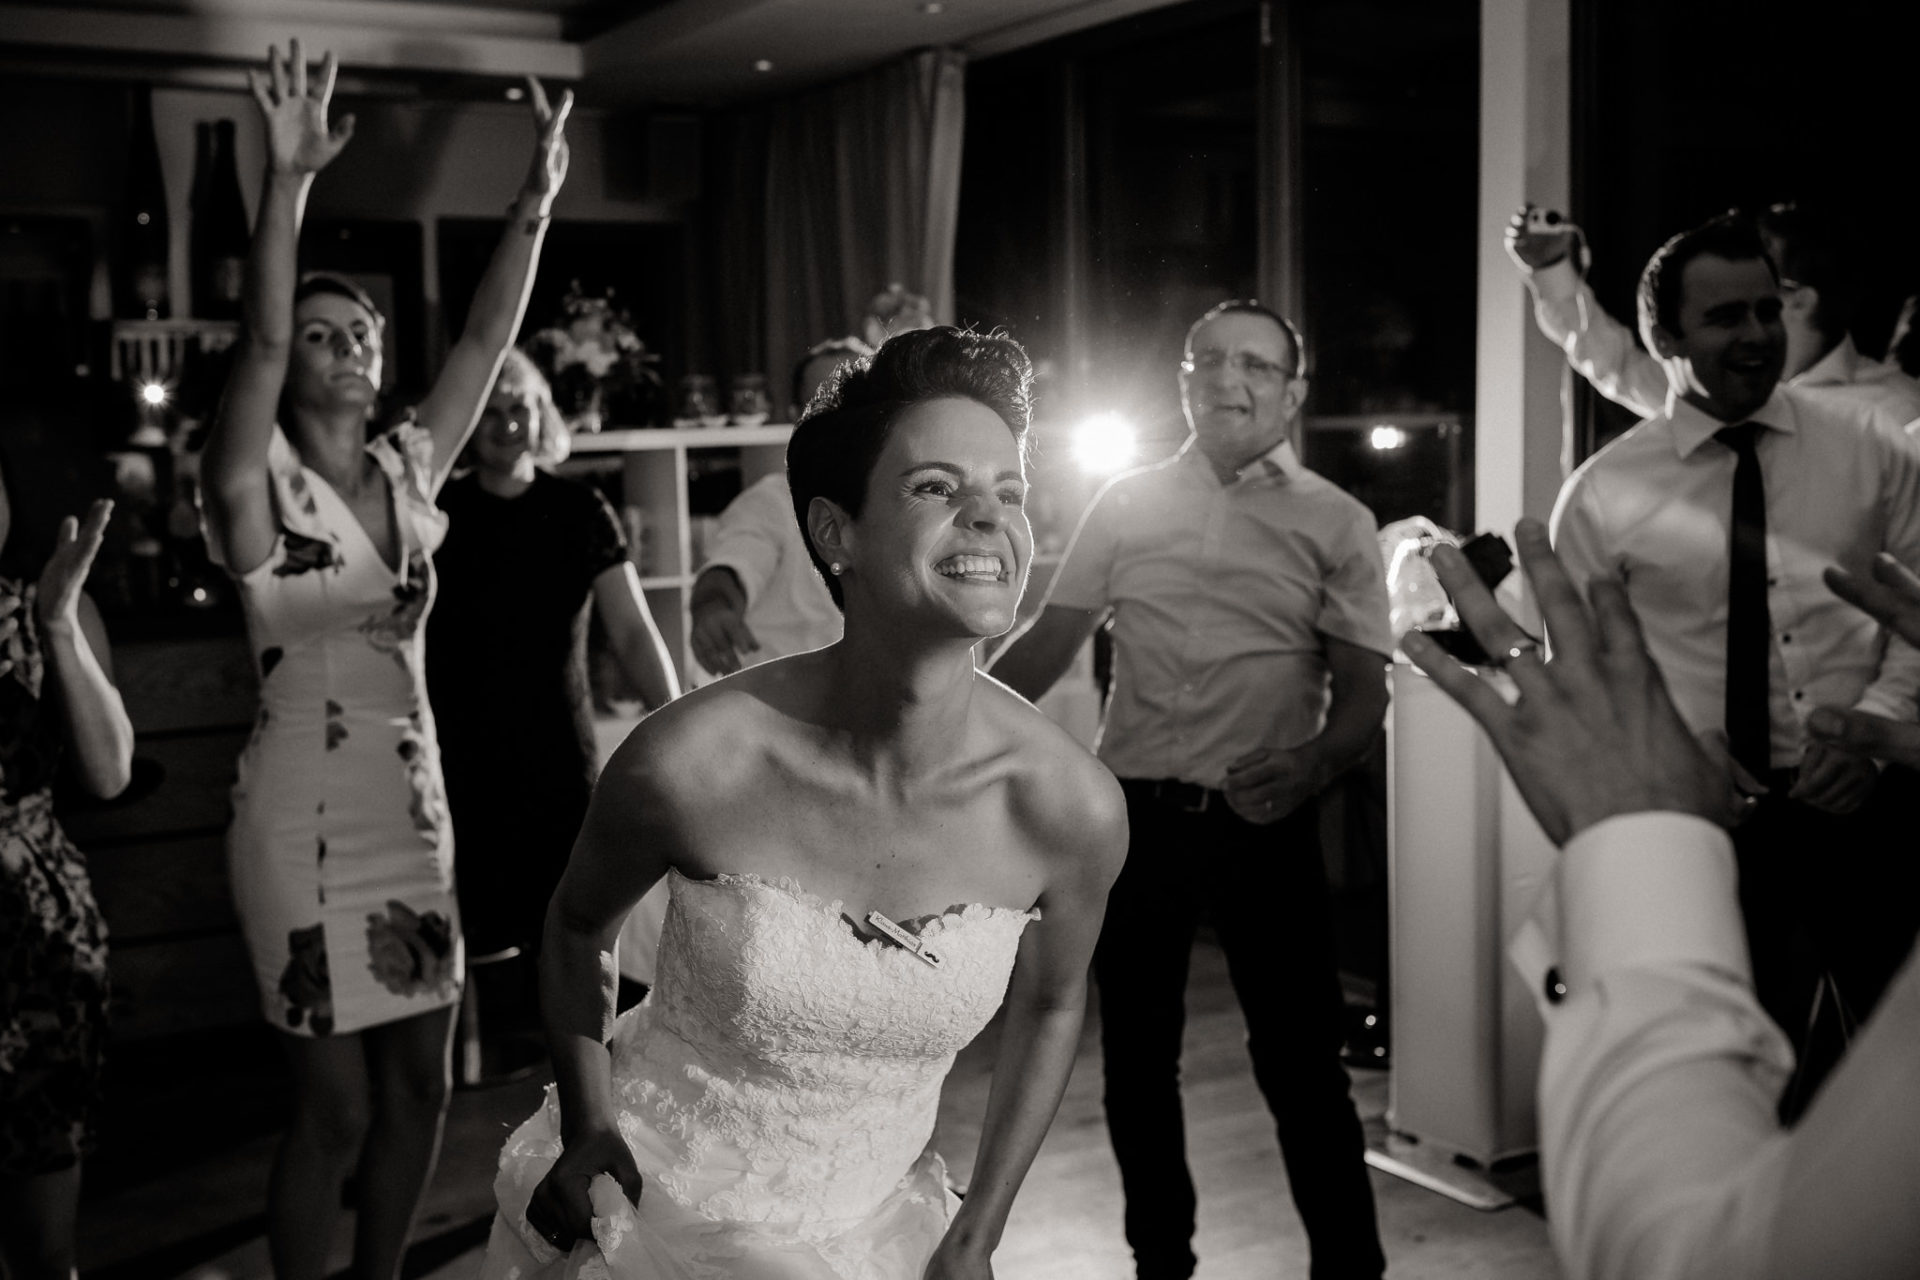 Weingut Fitz Ritter Hochzeitsfotograf-heiraten Pfalz-Sommerhochzeit Braut Tanz Party